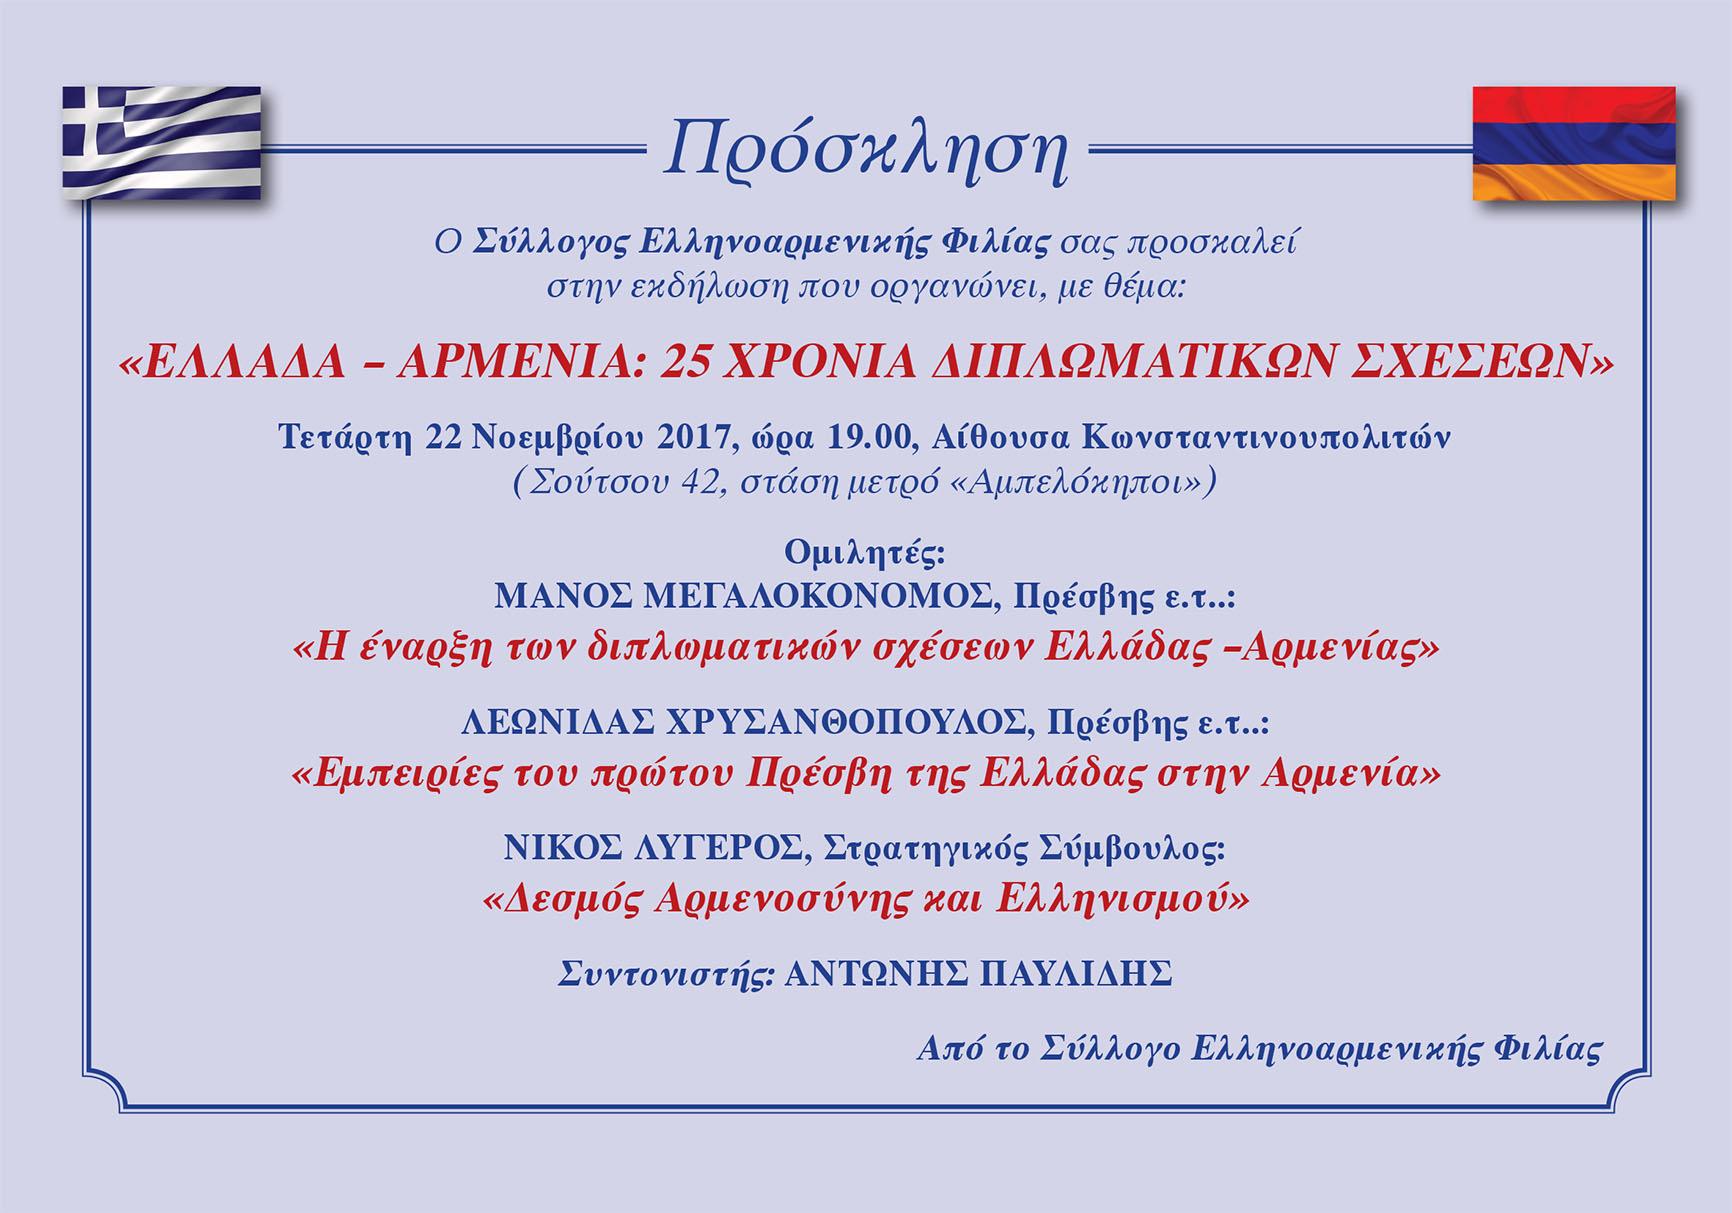 Ομιλία: Δεσμός Αρμενοσύνης και Ελληνισμού